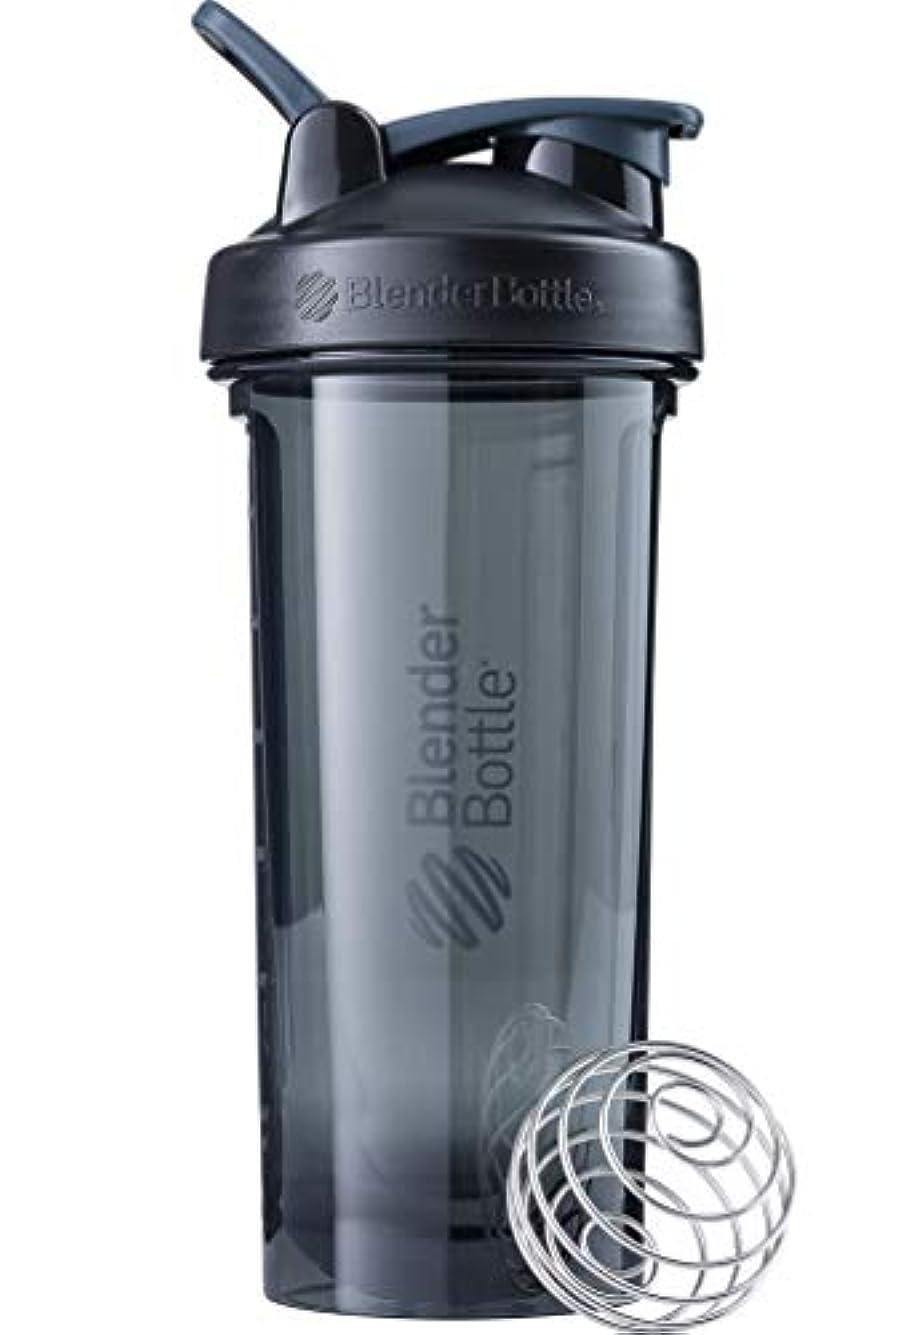 成長する番号大臣ブレンダーボトル 【日本正規品】 ミキサー シェーカー ボトル Pro Series Tritan Pro28 28オンス (800ml) ブラック BBPRO28 BK